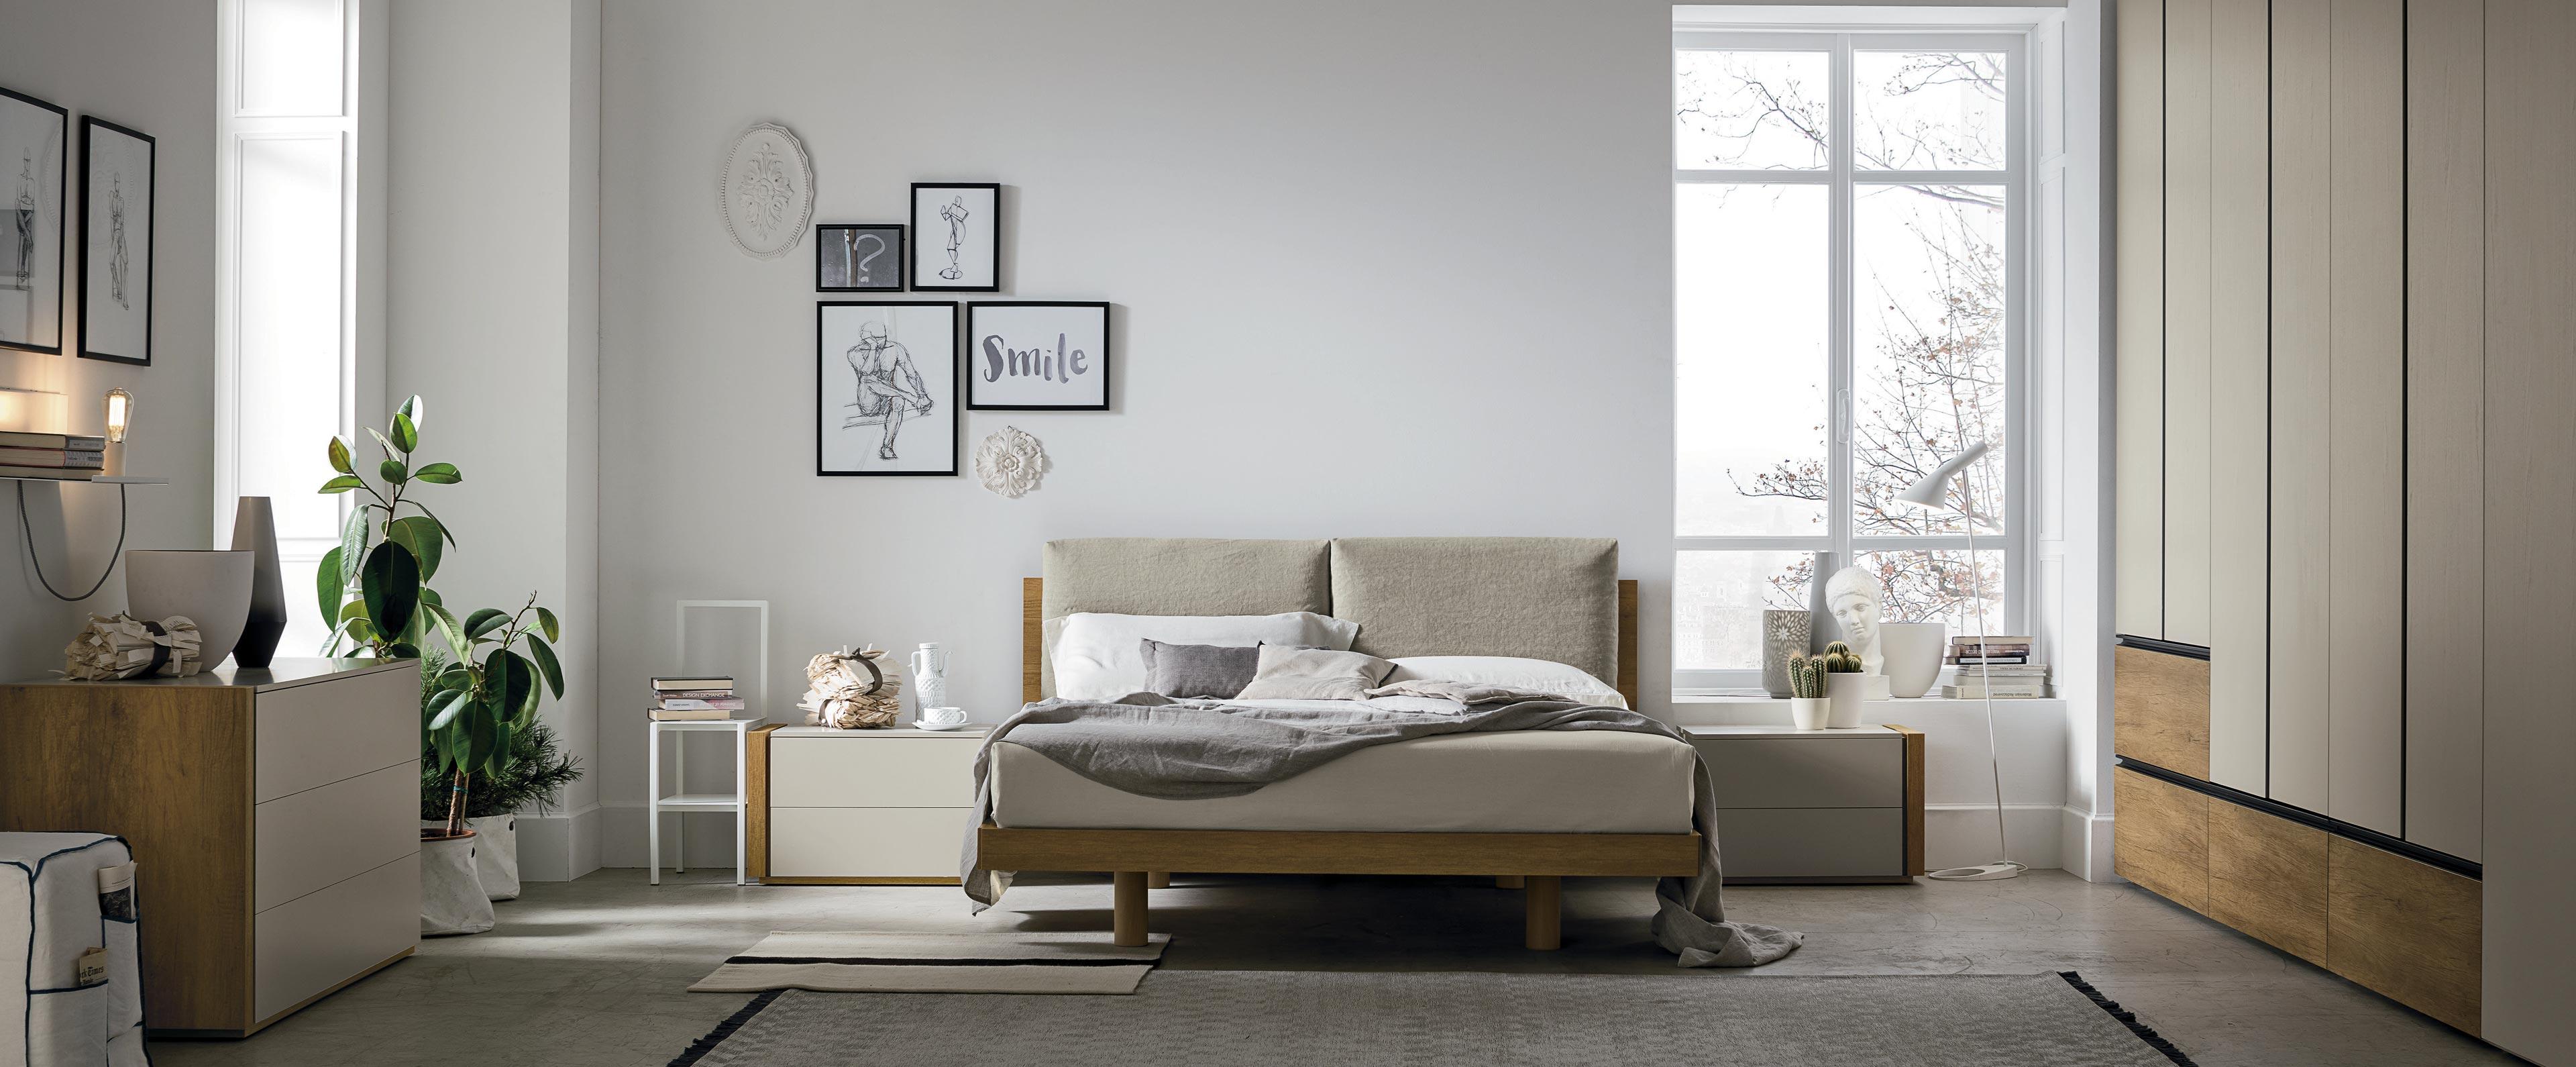 mobili-contenitori-per-la-camera-da-letto-capitol-evidenza